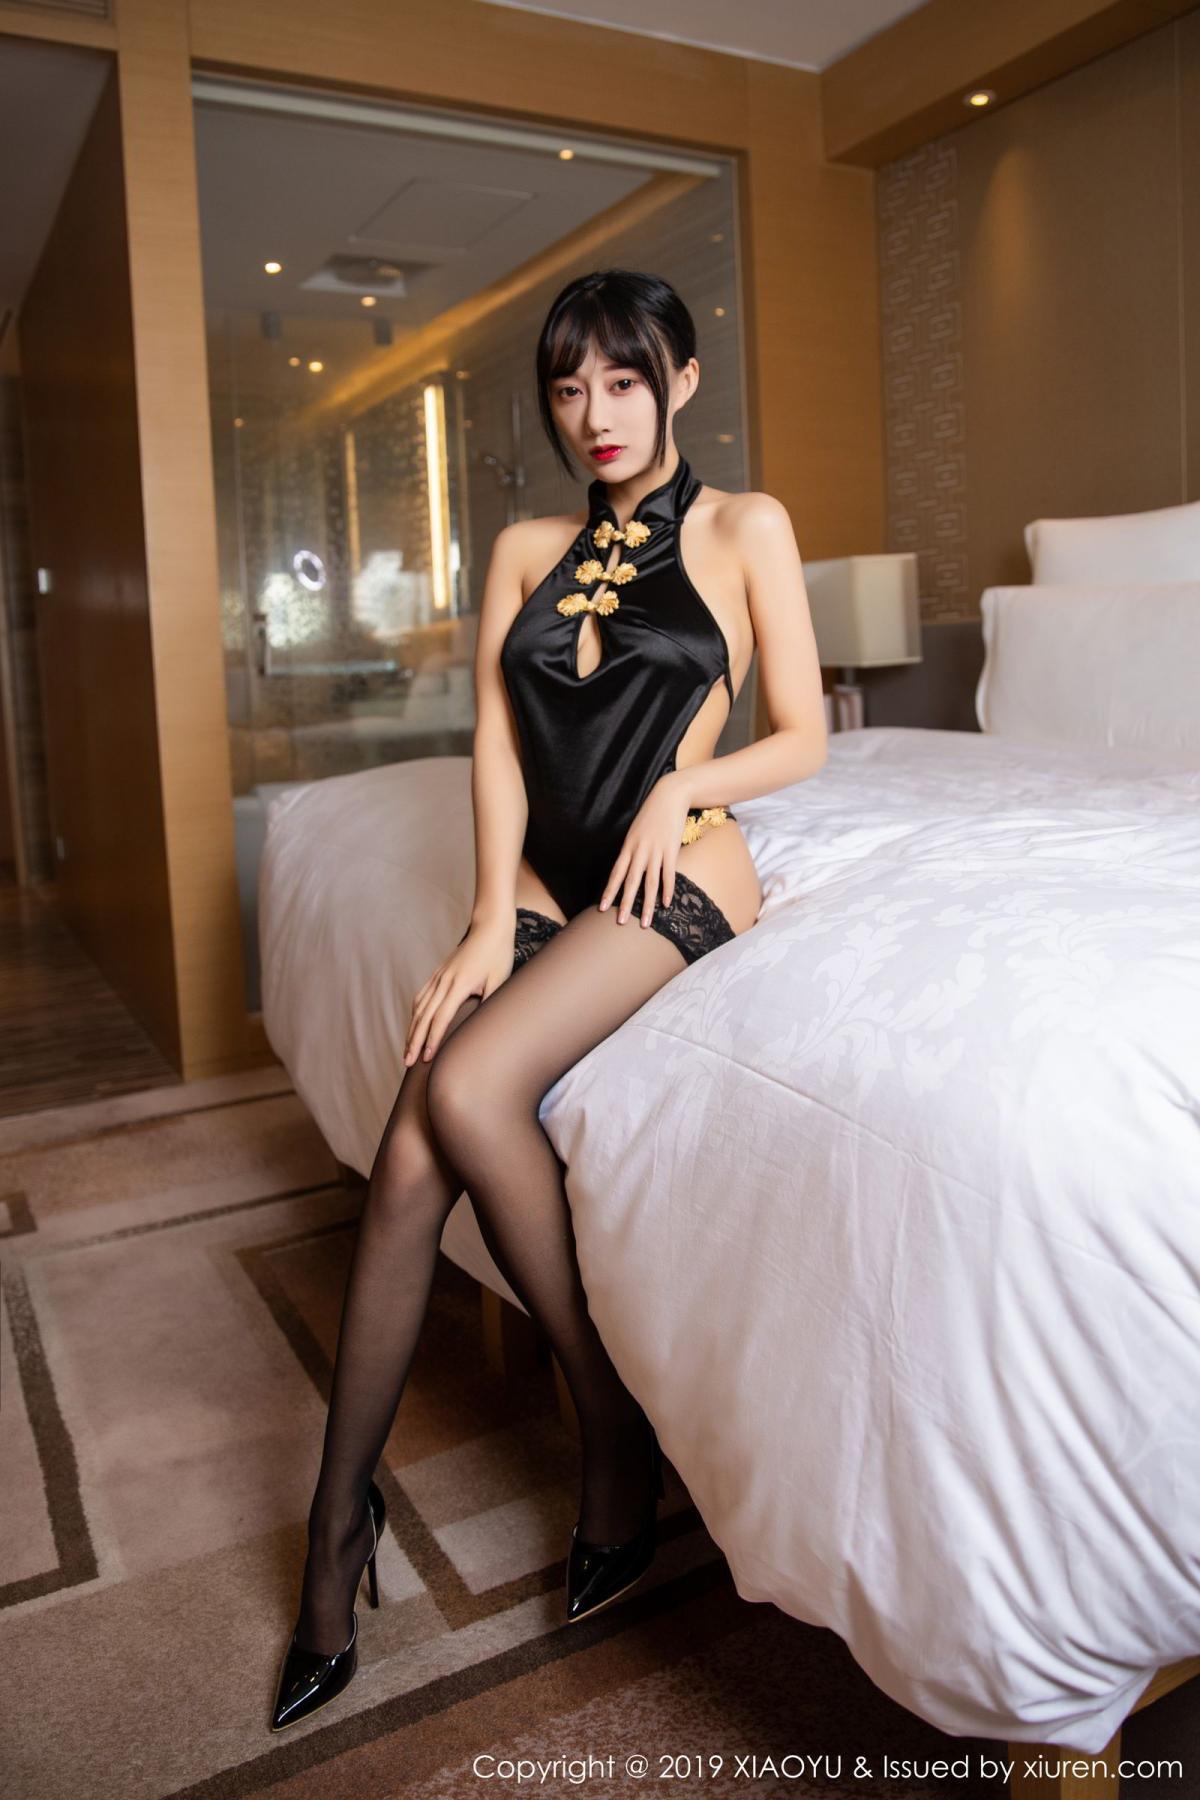 [XiaoYu] Vol.170 He Jia Ying 5P, He Jia Ying, Tall, XiaoYu